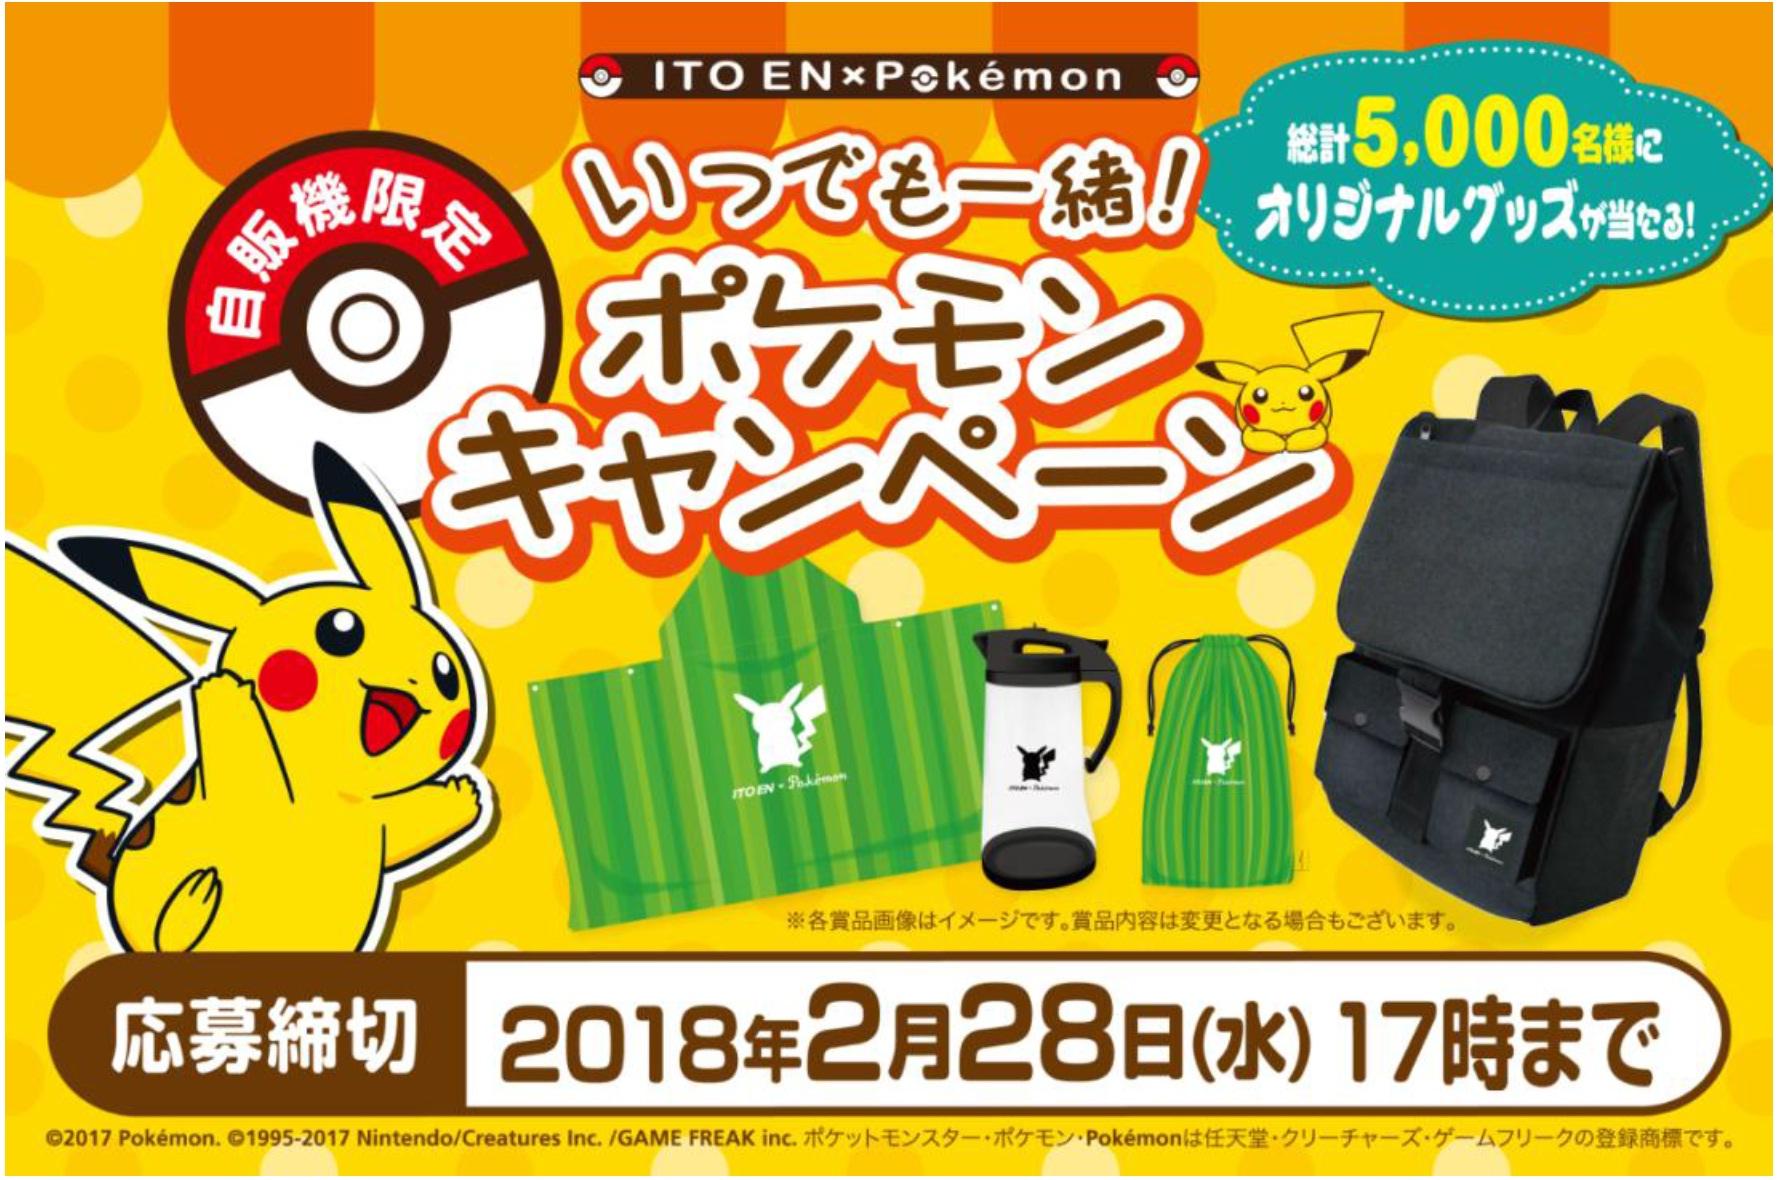 ito en×pokémon「いつでも一緒!ポケモンキャンペーン」第2弾 12月11日